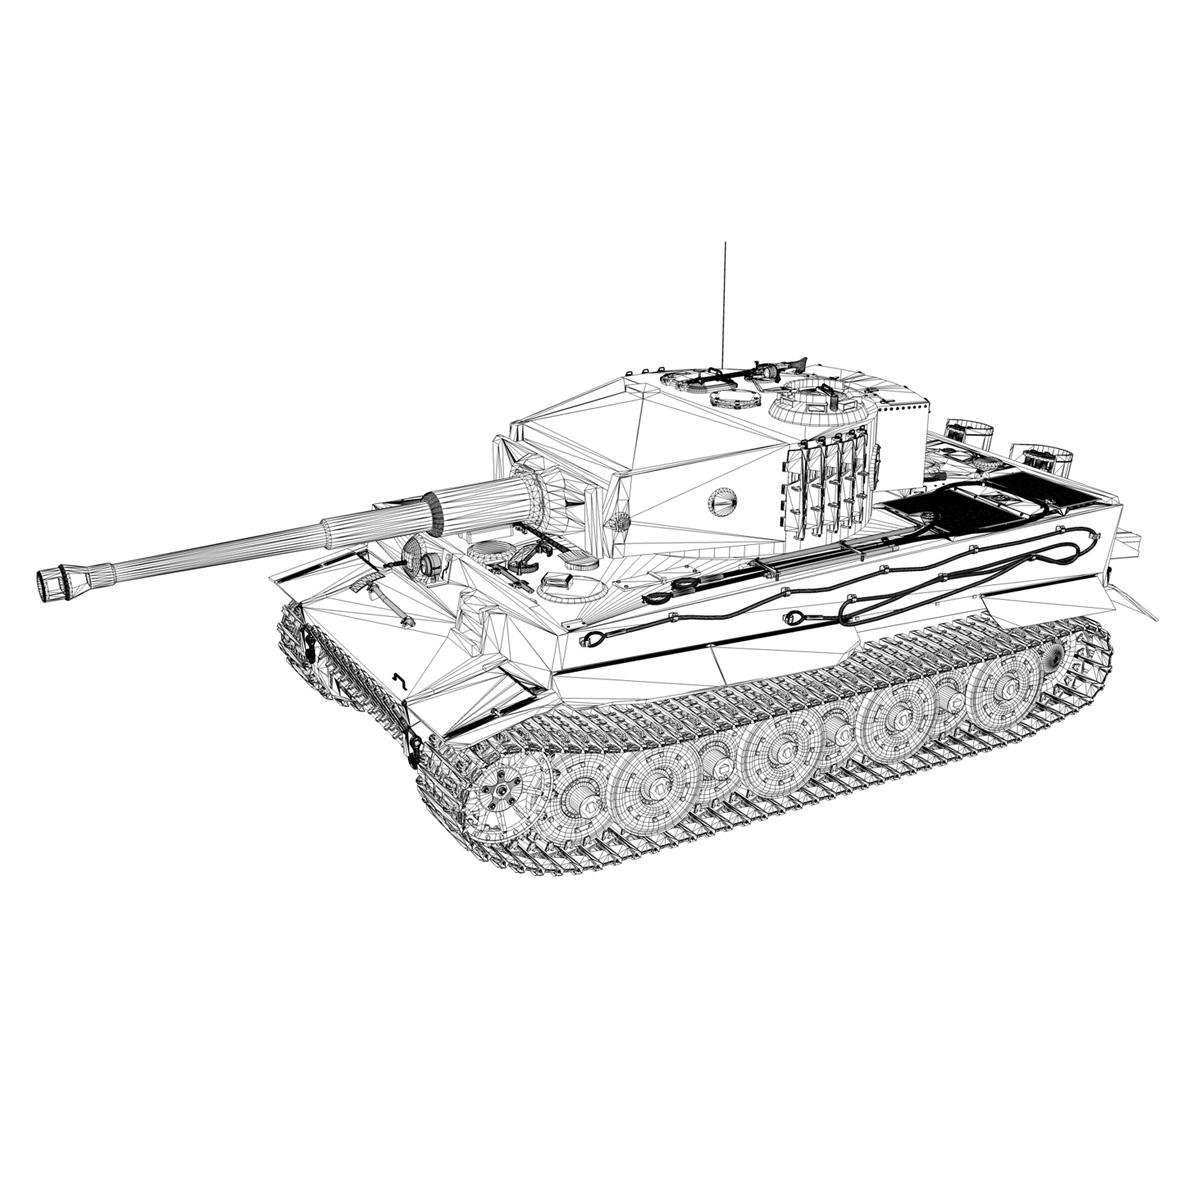 panzer vi – tiger – 134 – late production 3d model 3ds fbx c4d lwo obj 196922